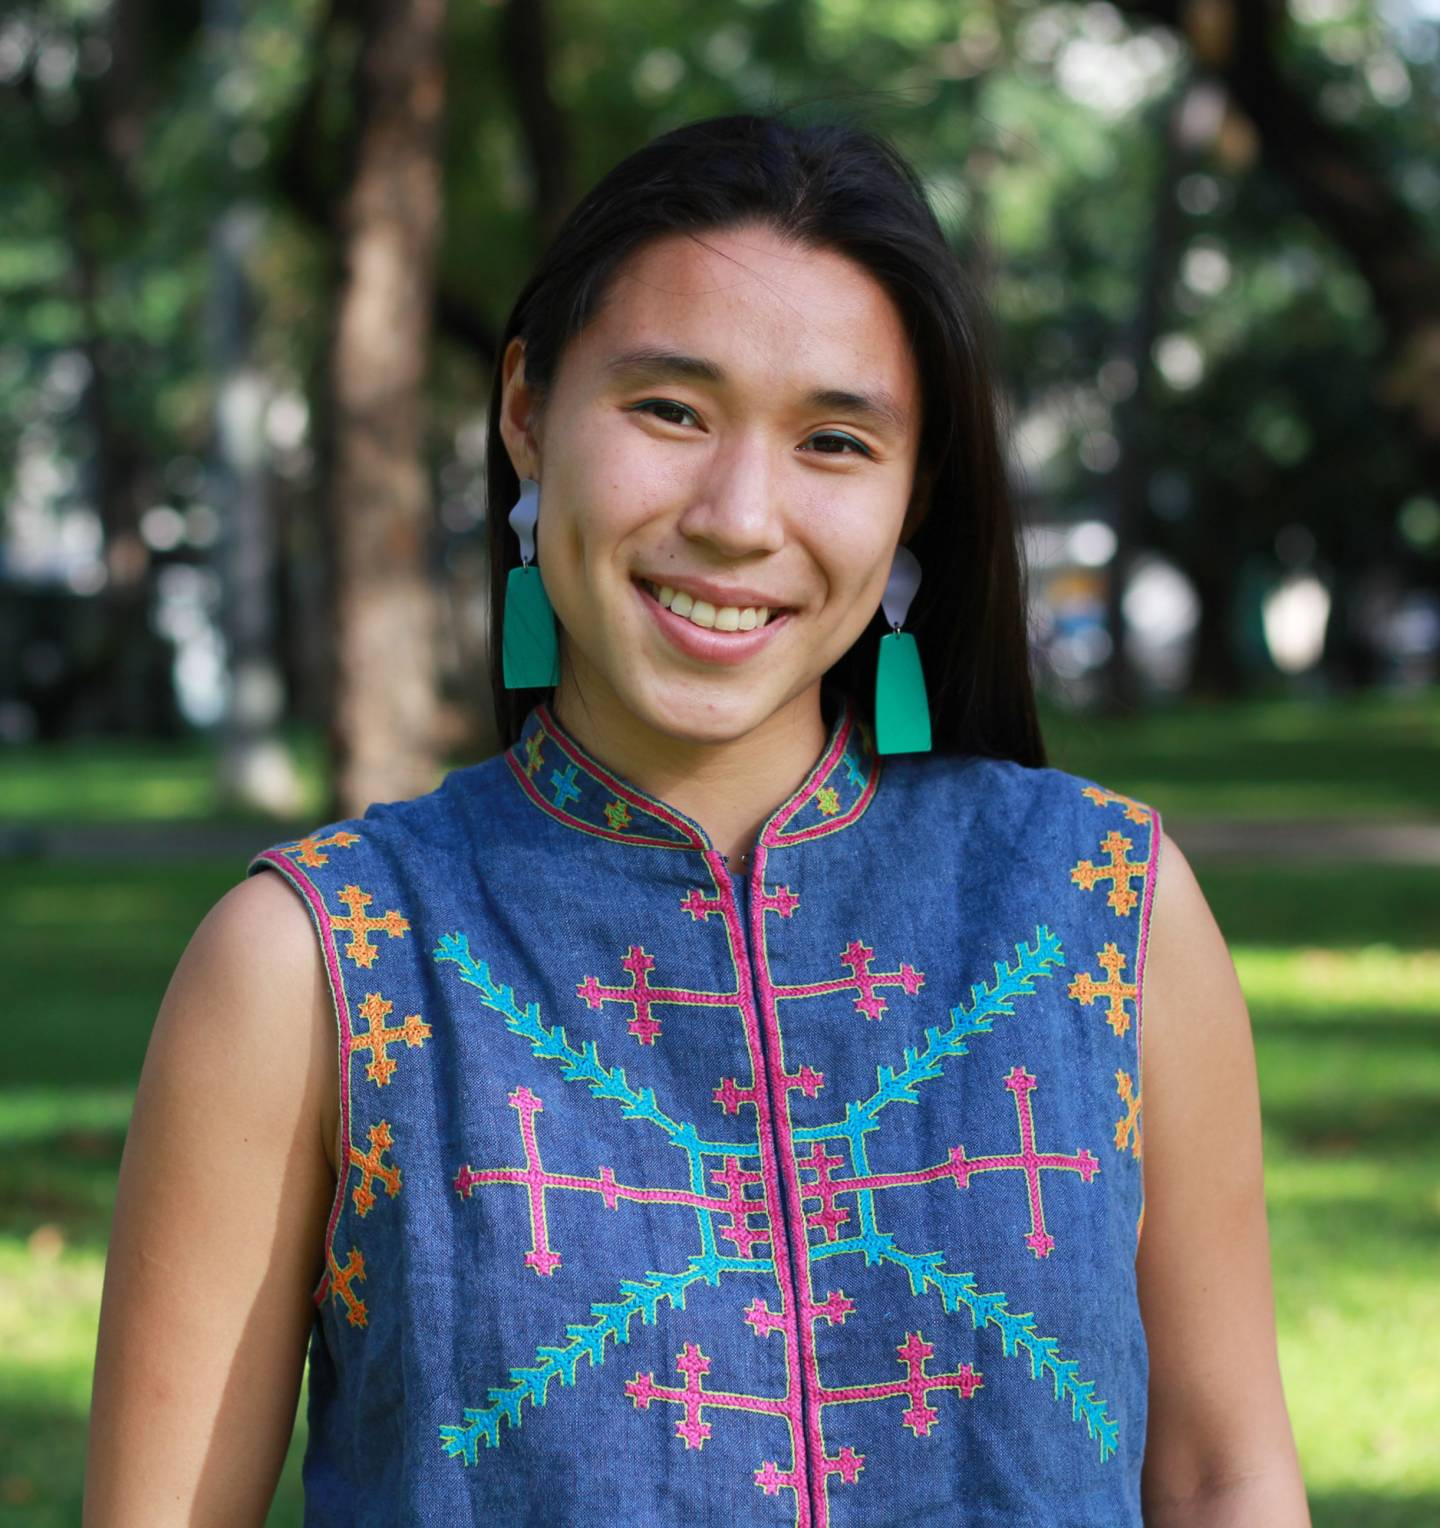 Ysabel Ayala